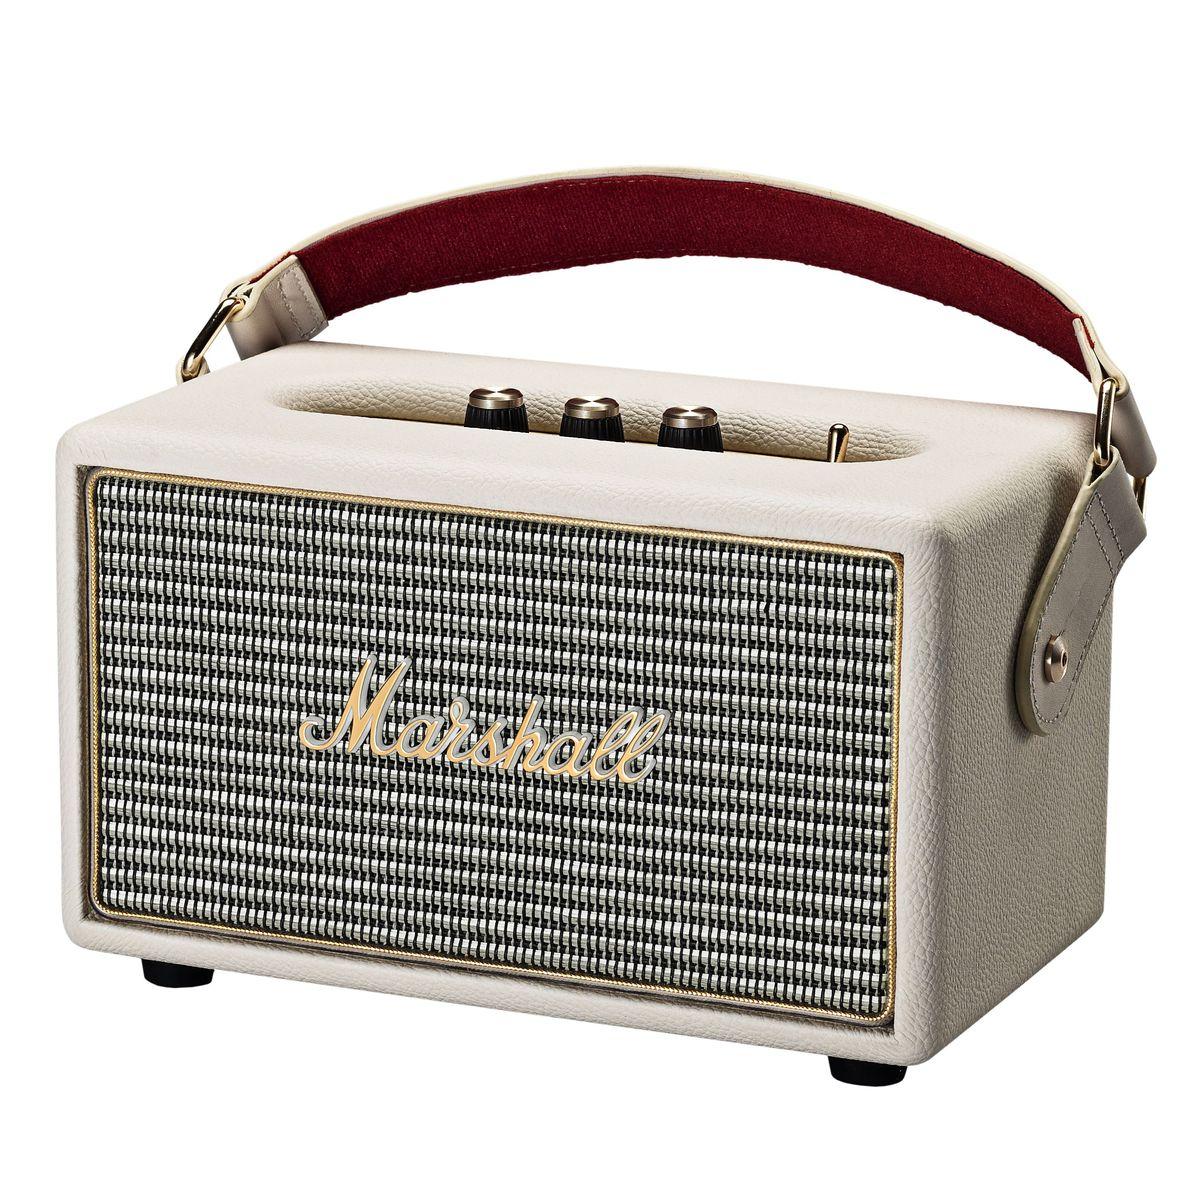 Marshall Kilburn, Cream акустическая система колонка marshall kilburn steel edition